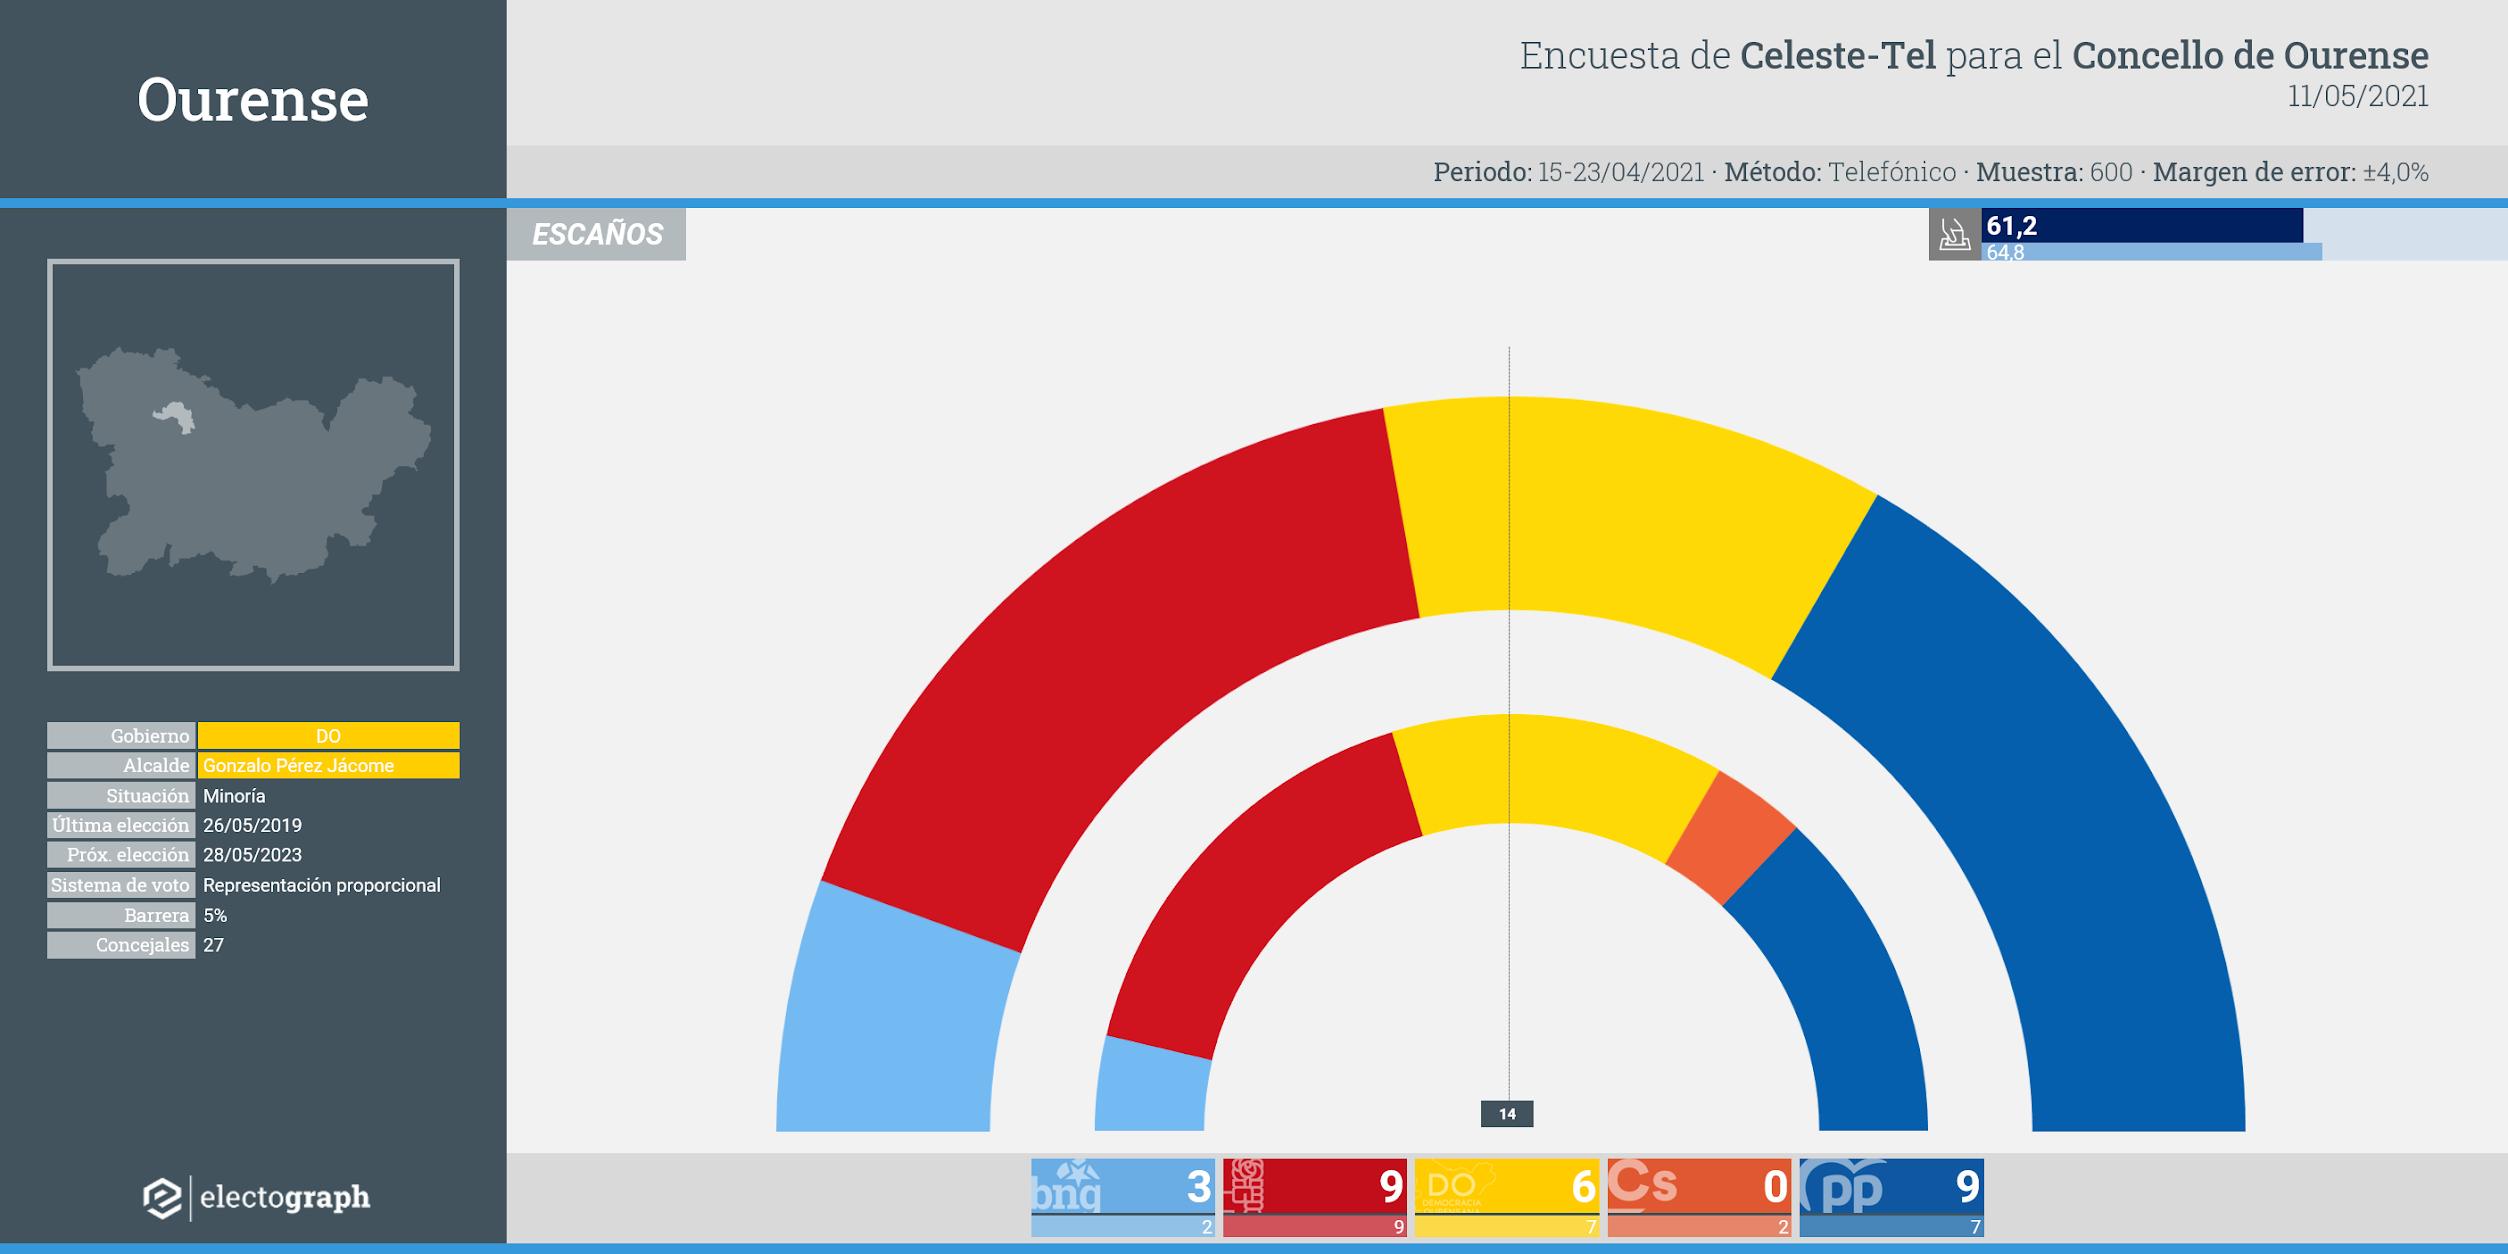 Gráfico de la encuesta para elecciones municipales en Ourense realizada por Celeste-Tel para el Concello de Ourense, 11 de mayo de 2021